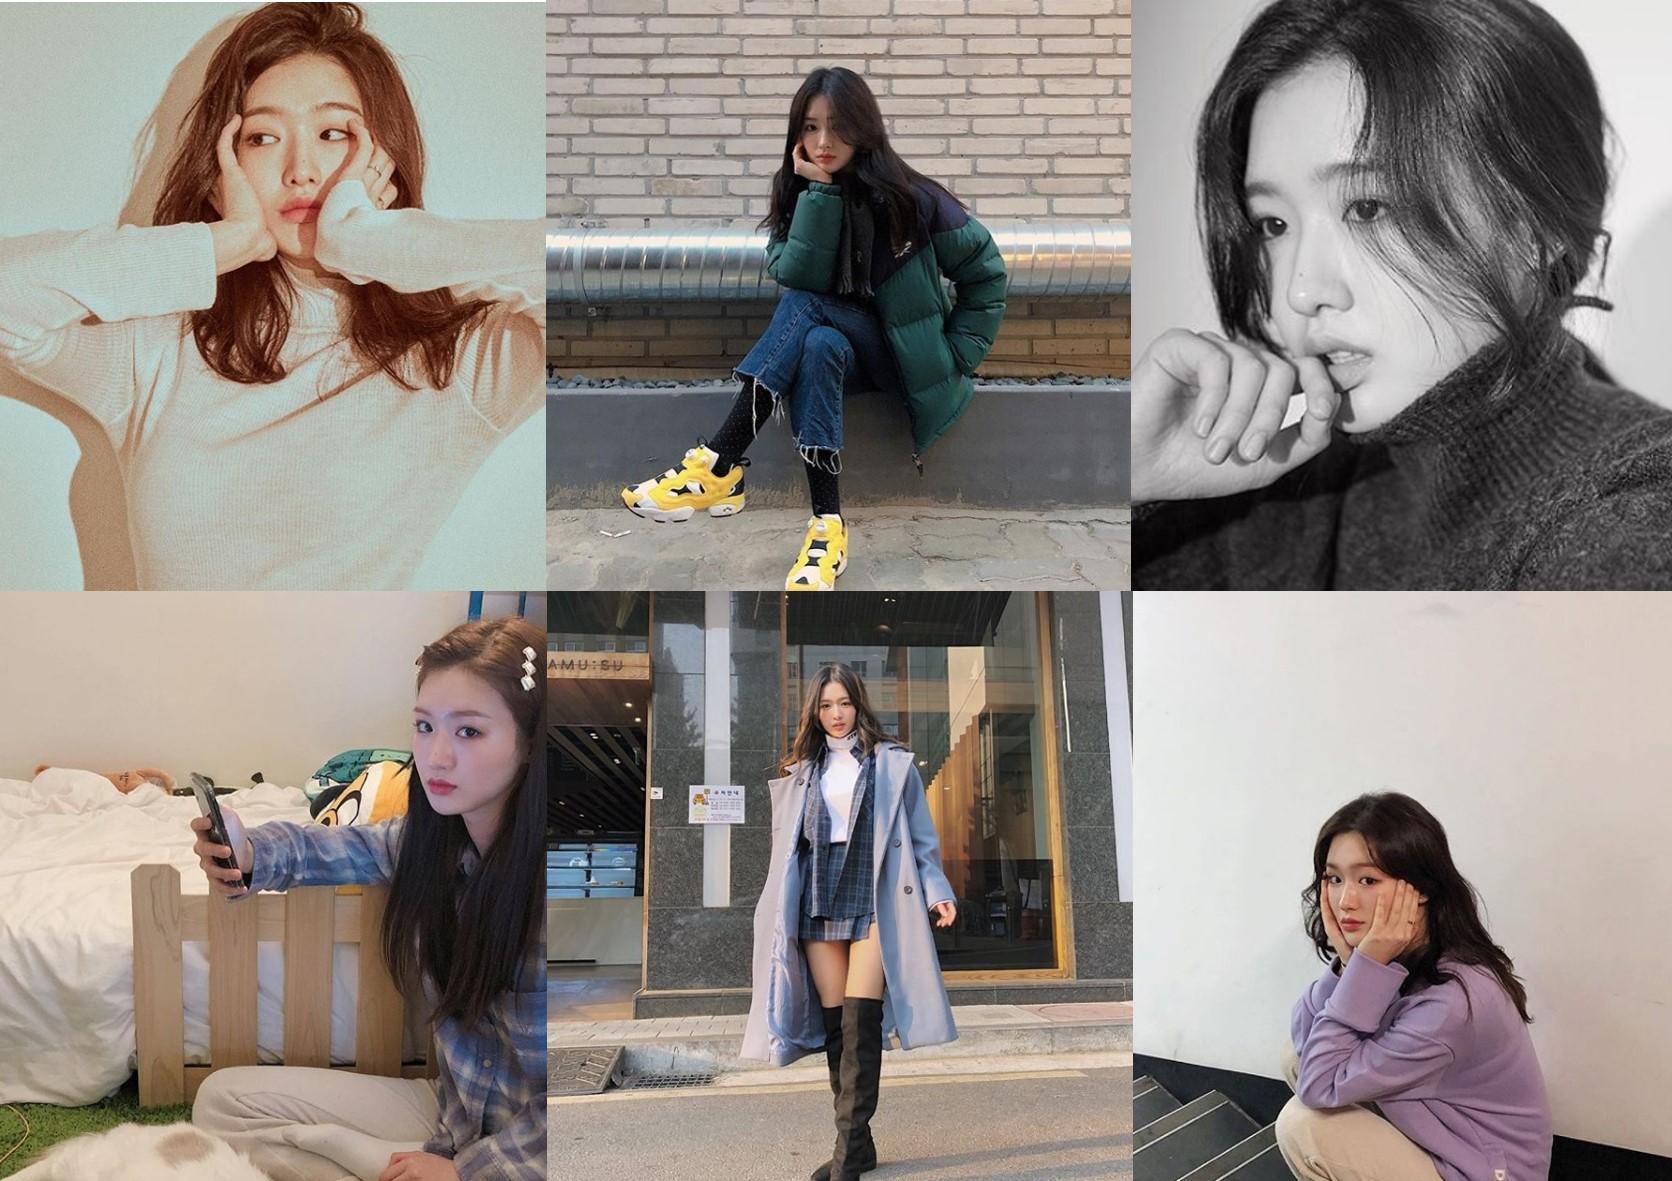 '한입만 시즌2' 조혜주, 러블리한 일상 사진 화제